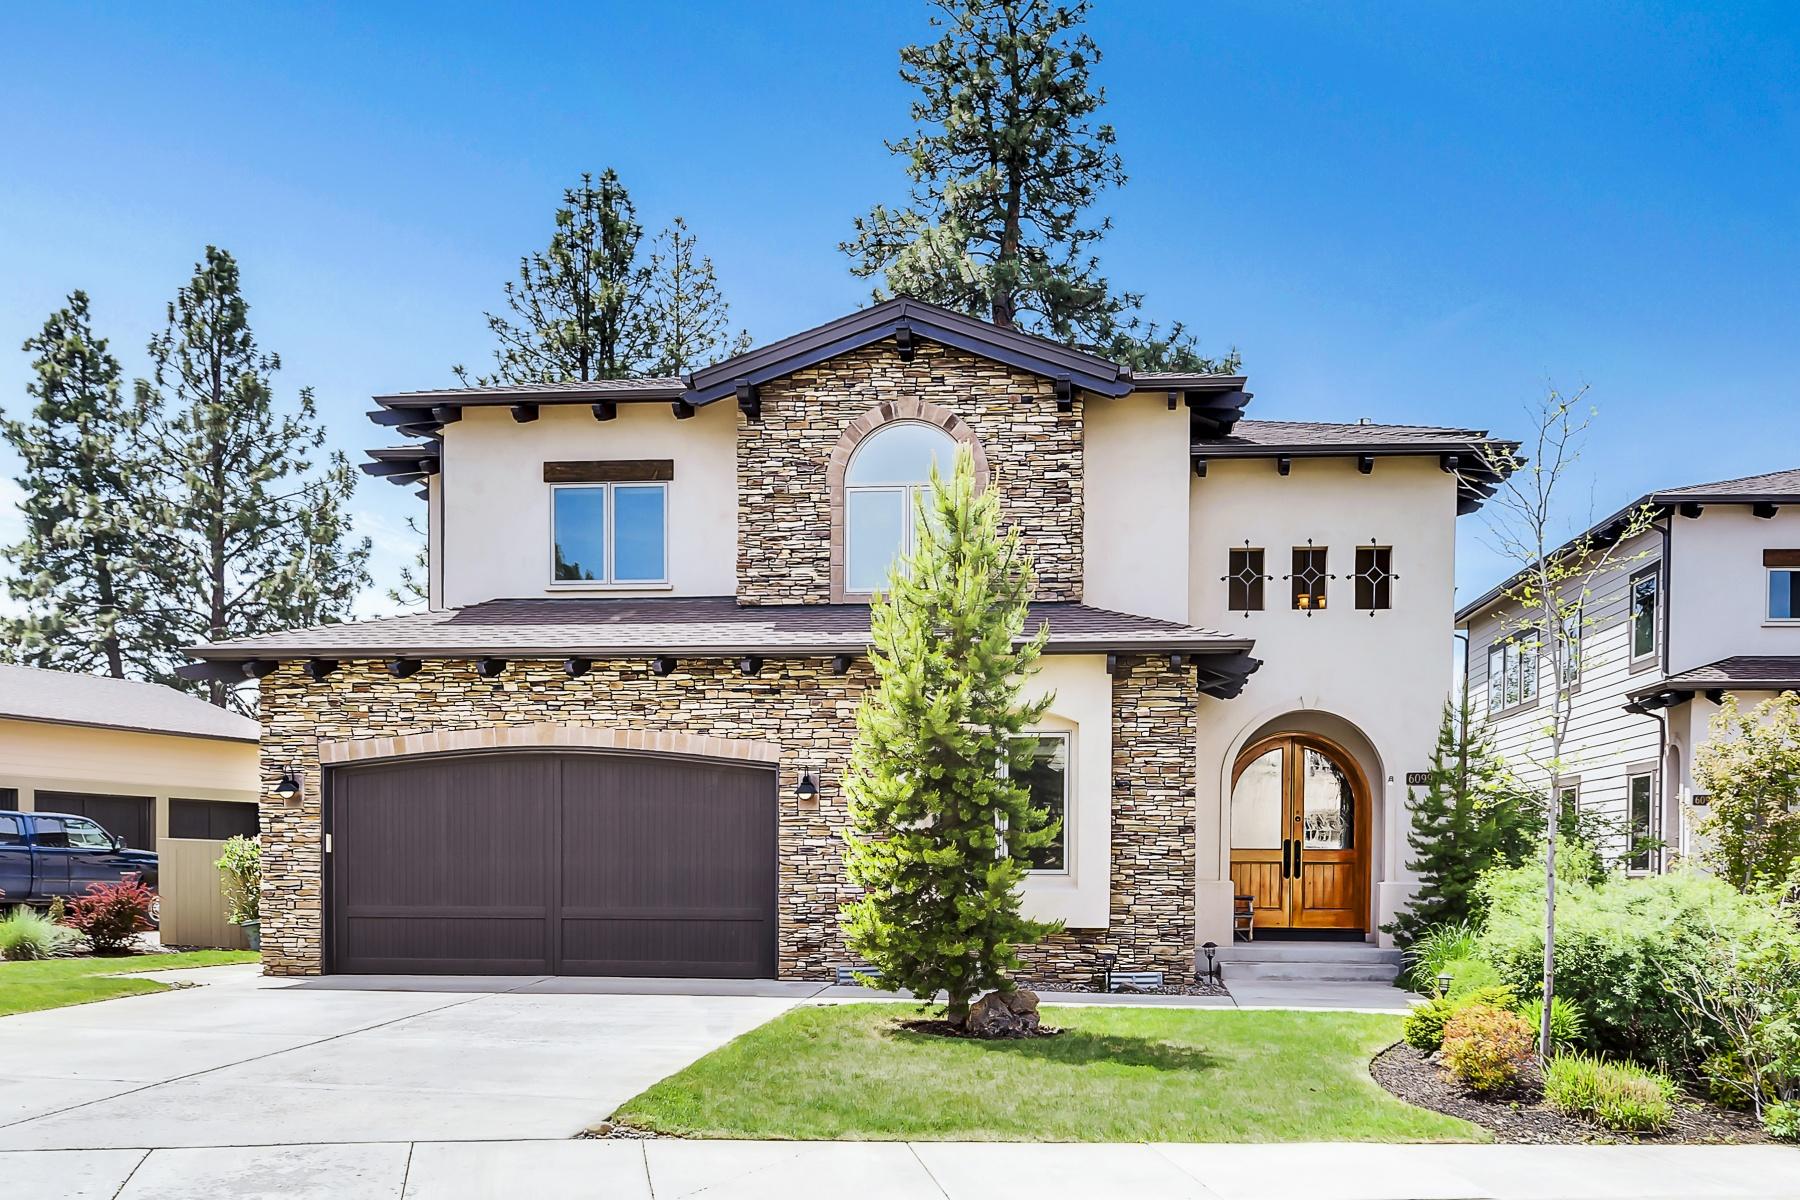 独户住宅 为 销售 在 60990 Woods Valley Place, BEND 本德, 俄勒冈州, 97702 美国